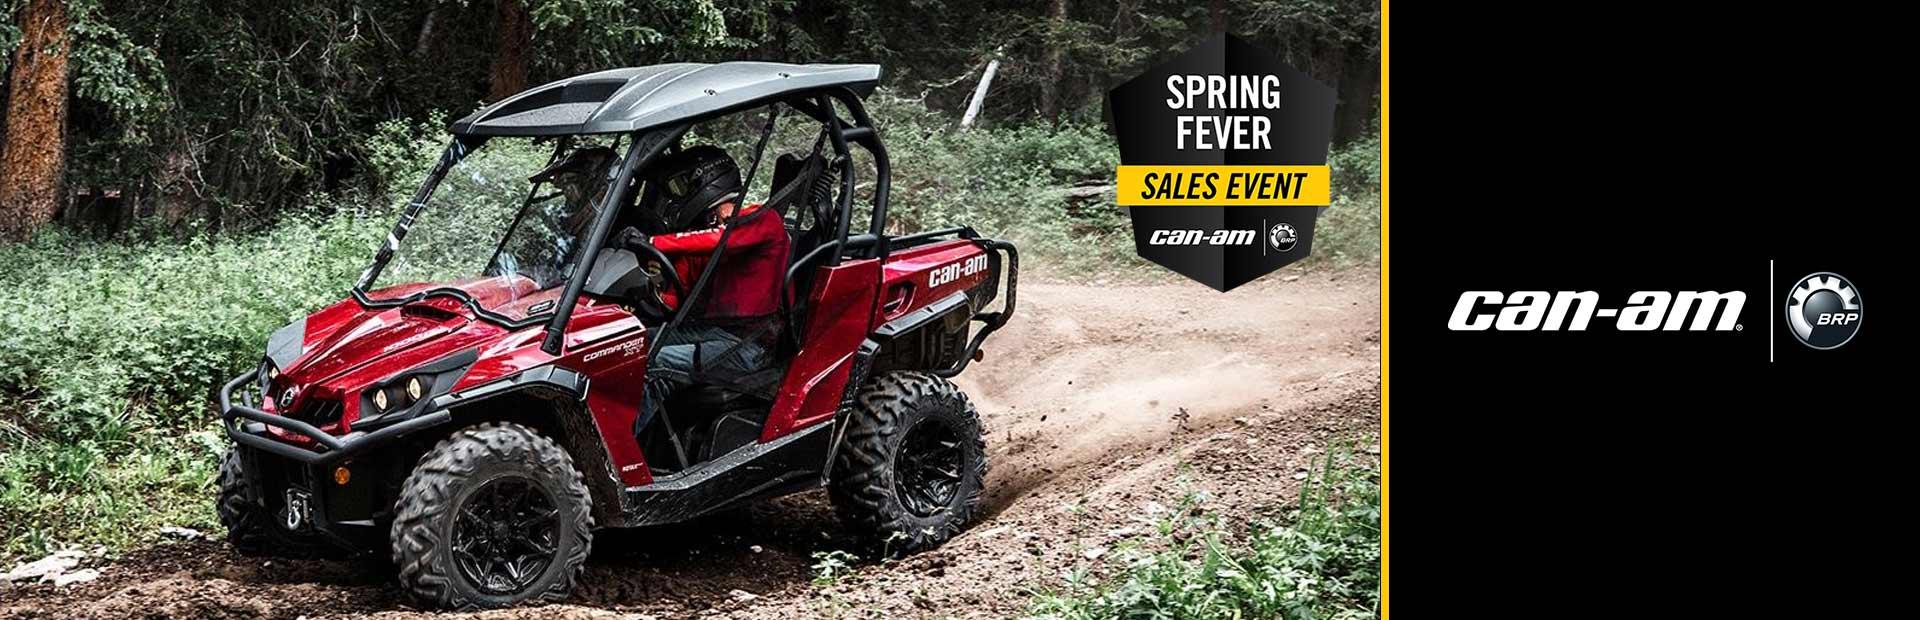 Spring Fever Sales Event-Commander